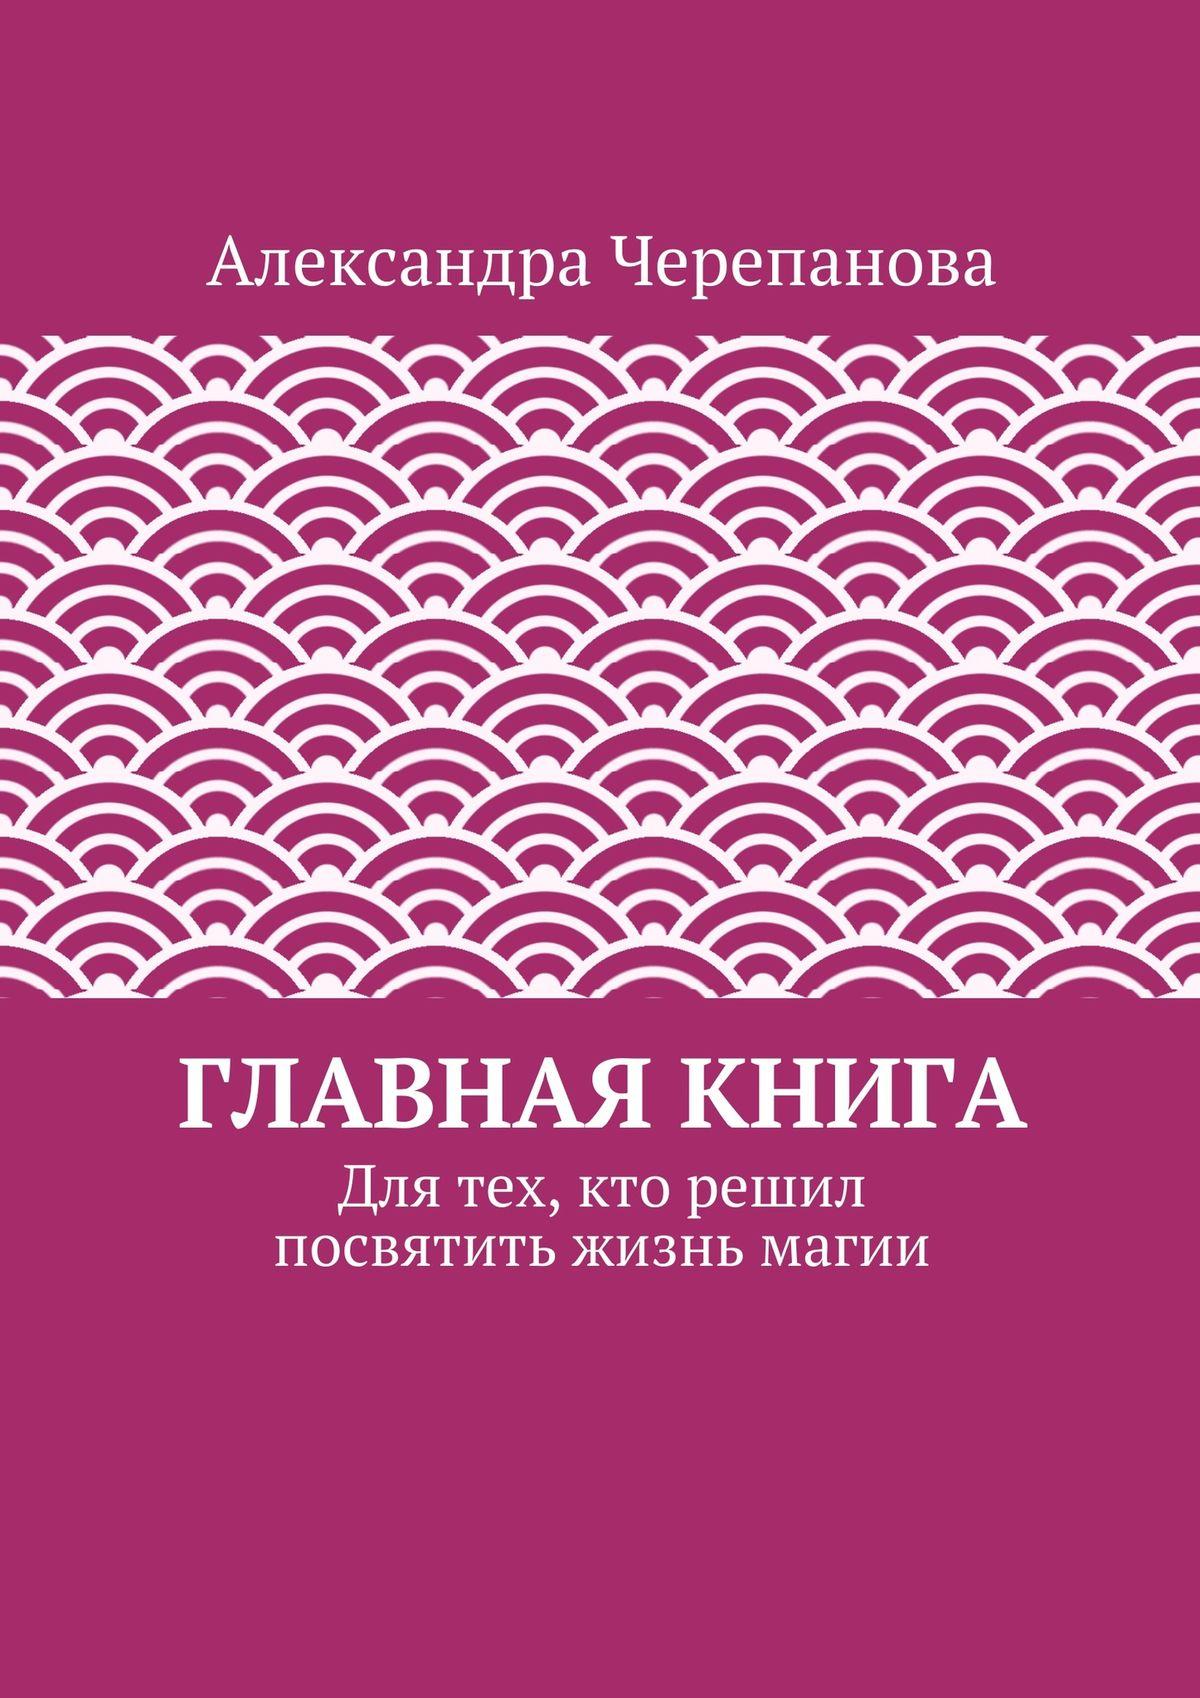 Александра Черепанова Главная книга. Для тех, кто решил посвятить жизнь магии источник магии